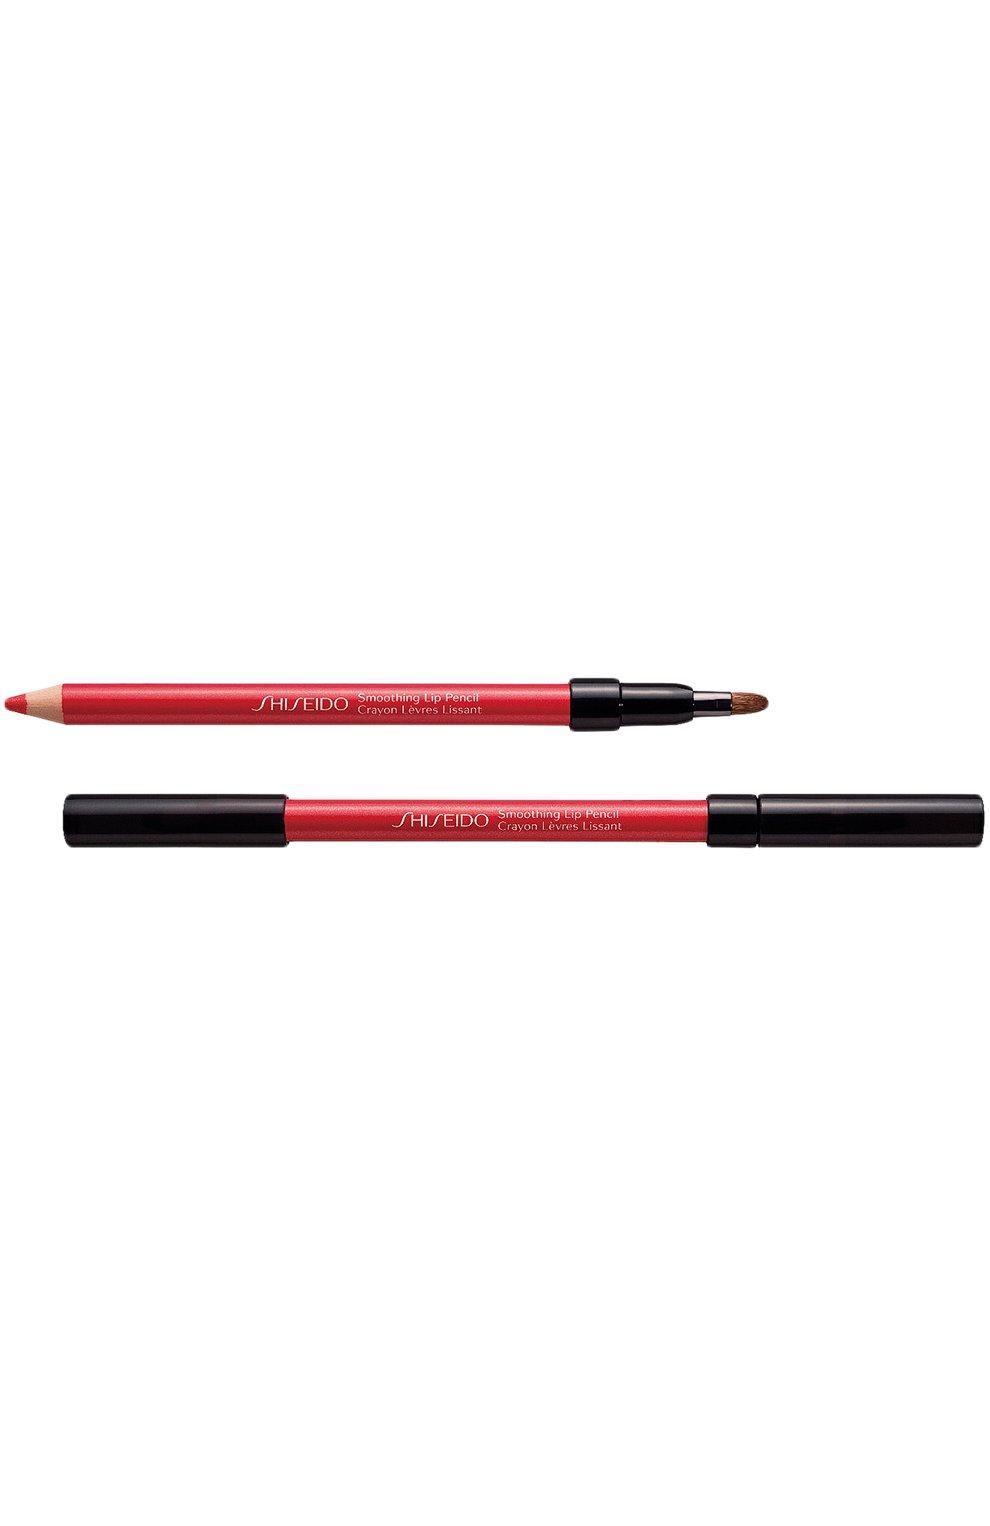 Женский контурный карандаш для губ с кисточкой, оттенок rd702 SHISEIDO бесцветного цвета, арт. 54032SH | Фото 1